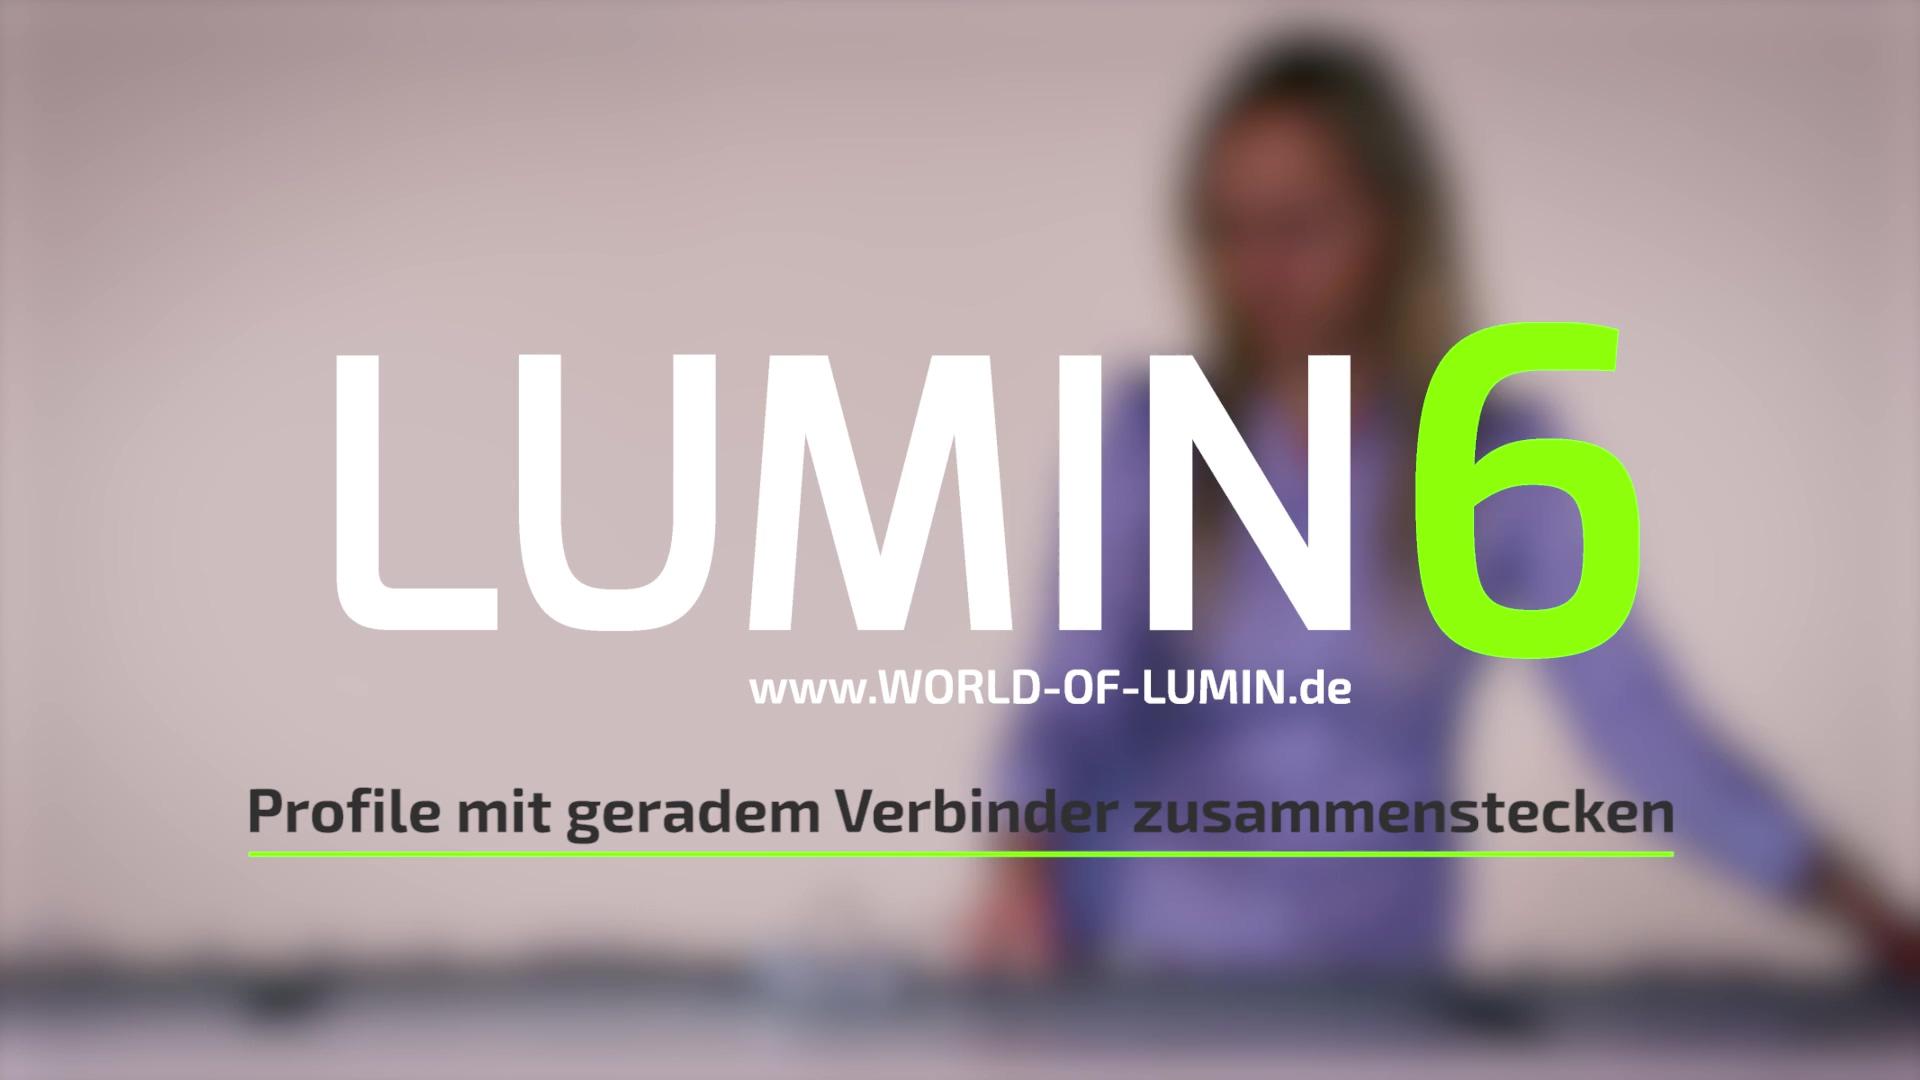 LaConcept_Lumin6_QR_gerader-Verbinder